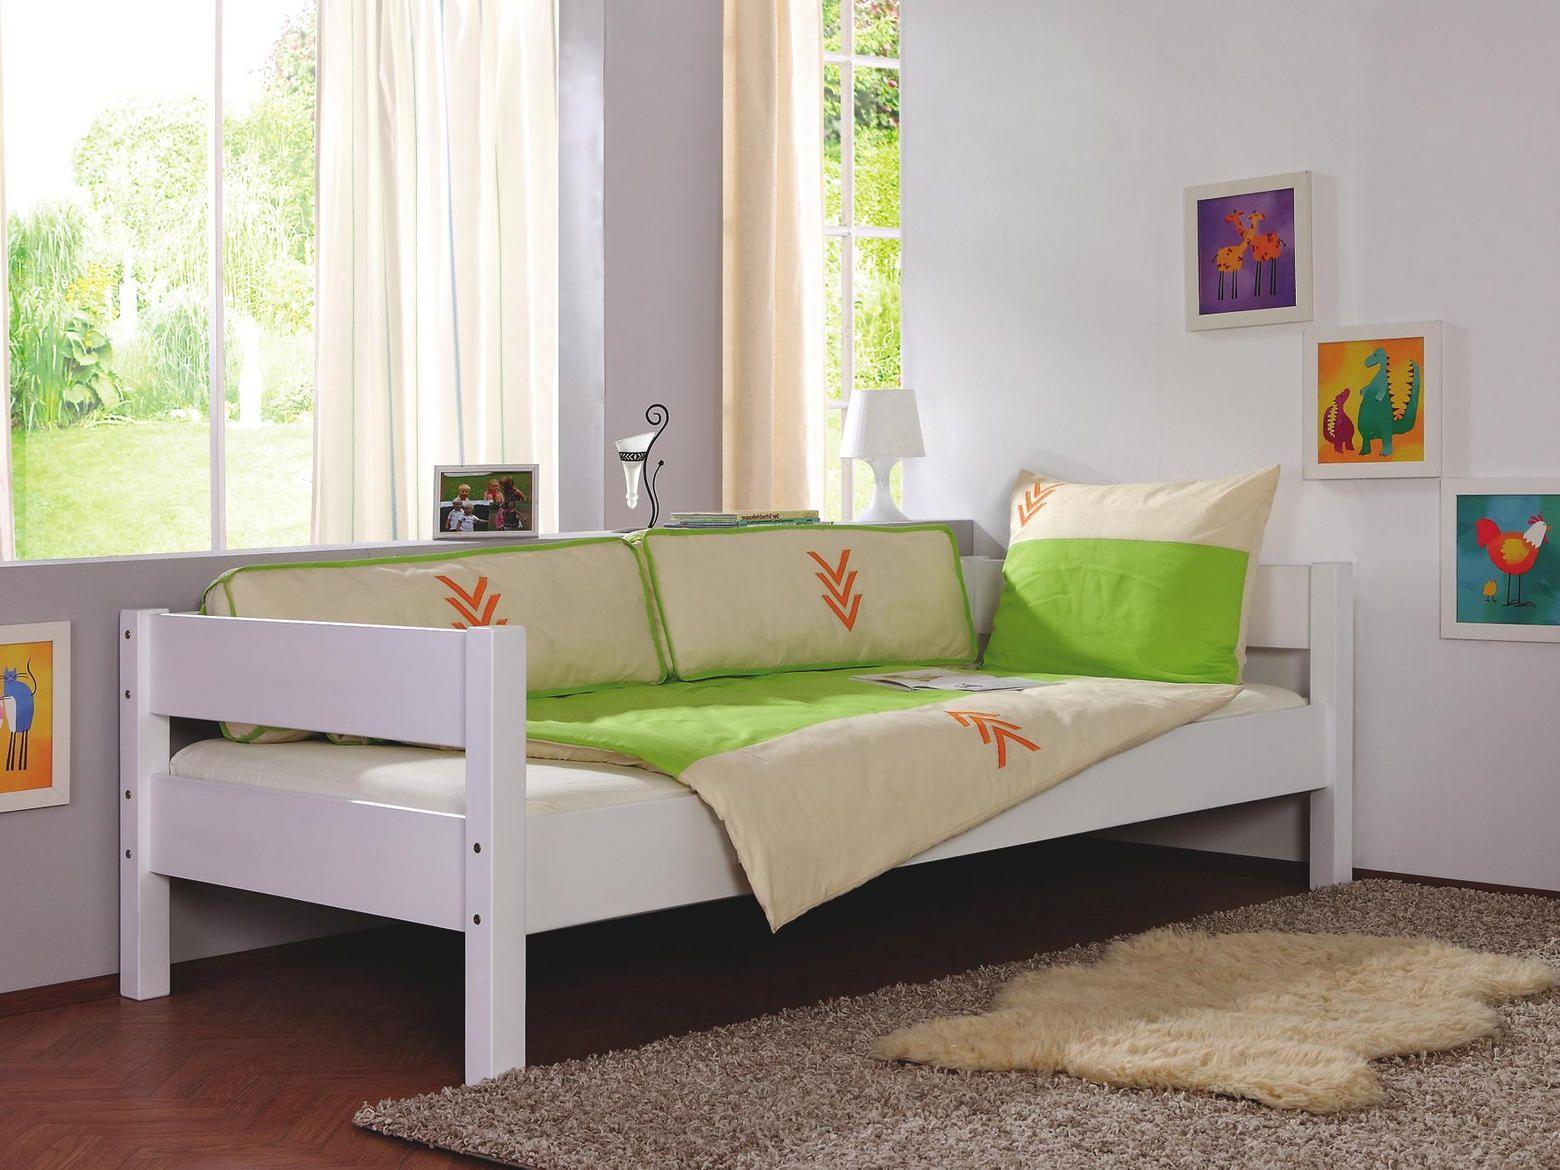 KINDER/JUNIORBETT Buche massiv Weiß Bett 90x200